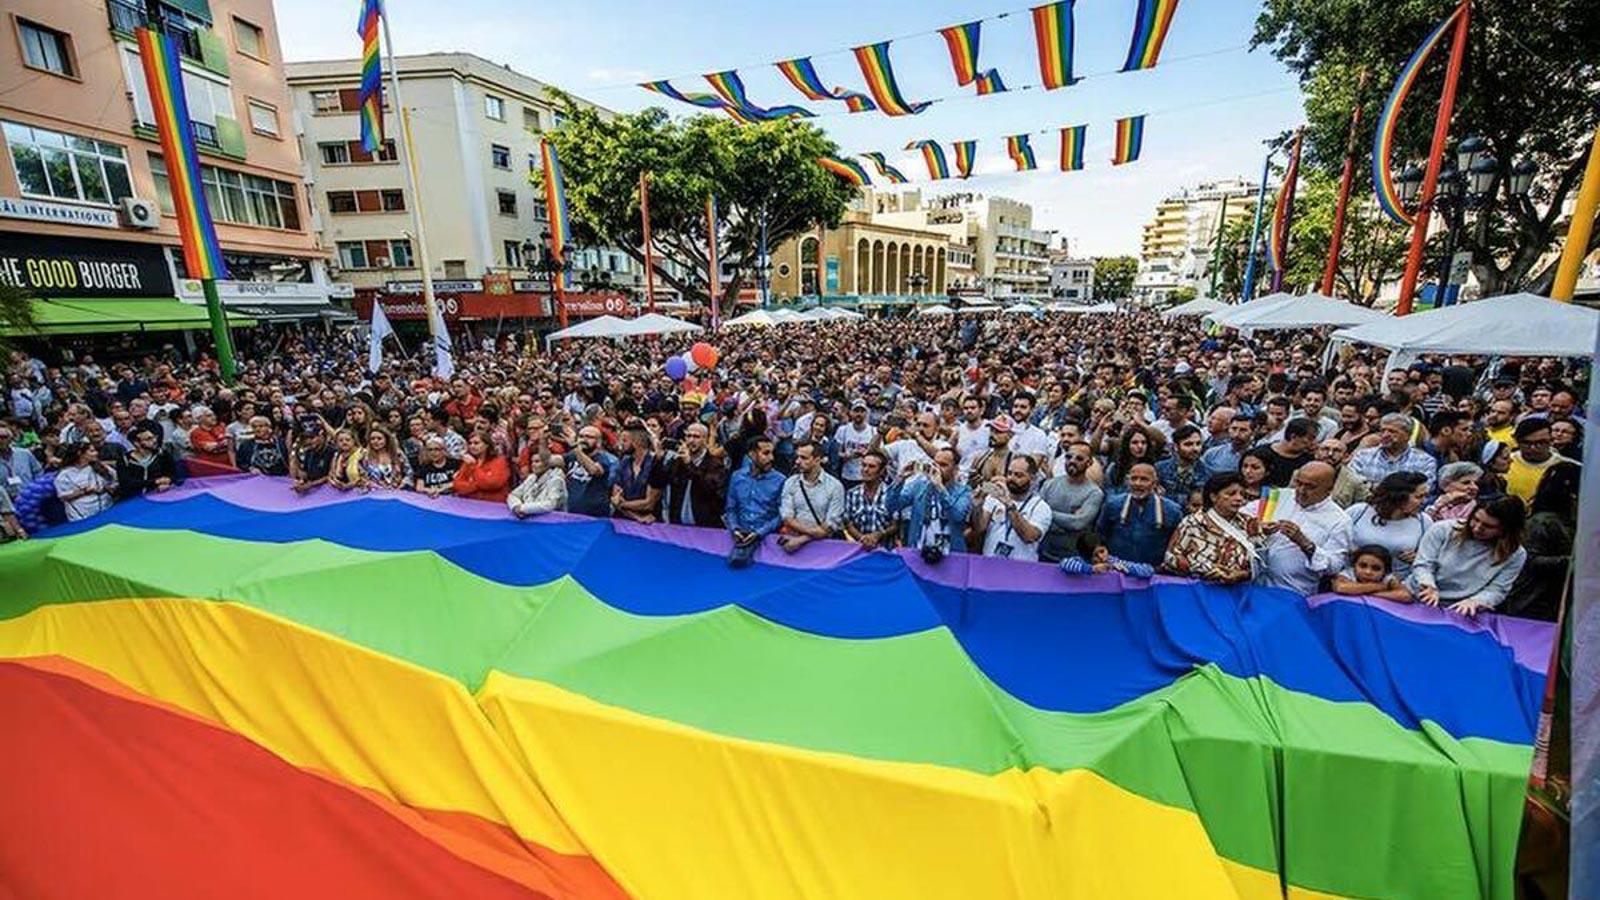 torremolinos gay pride (1)